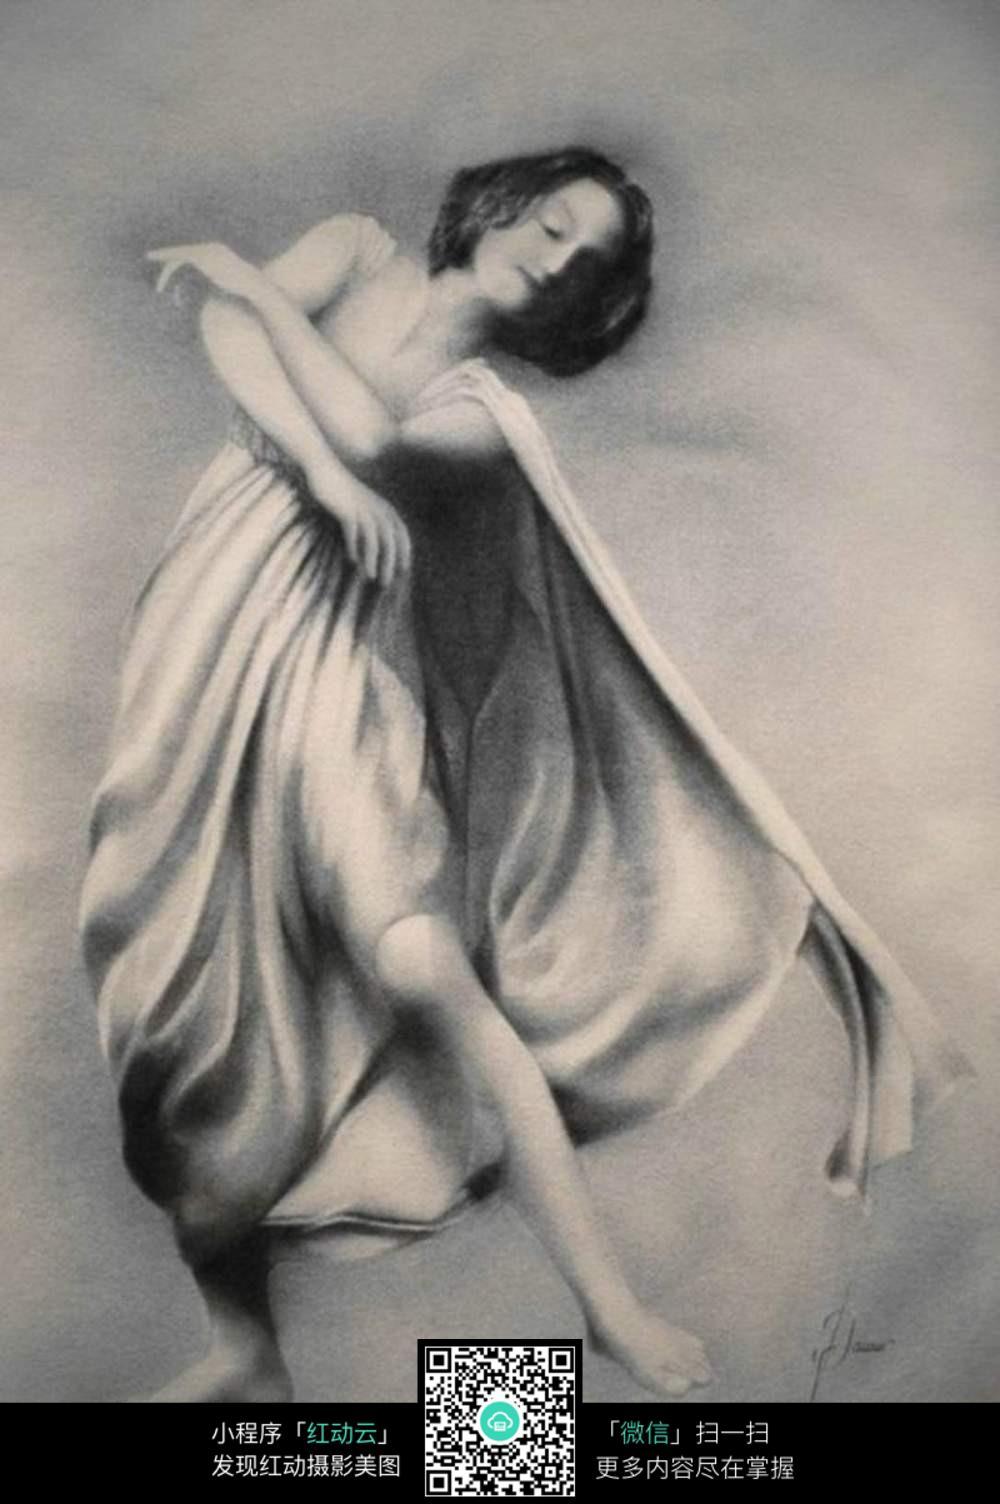 唯美手绘人物黑白画女背影高清图片